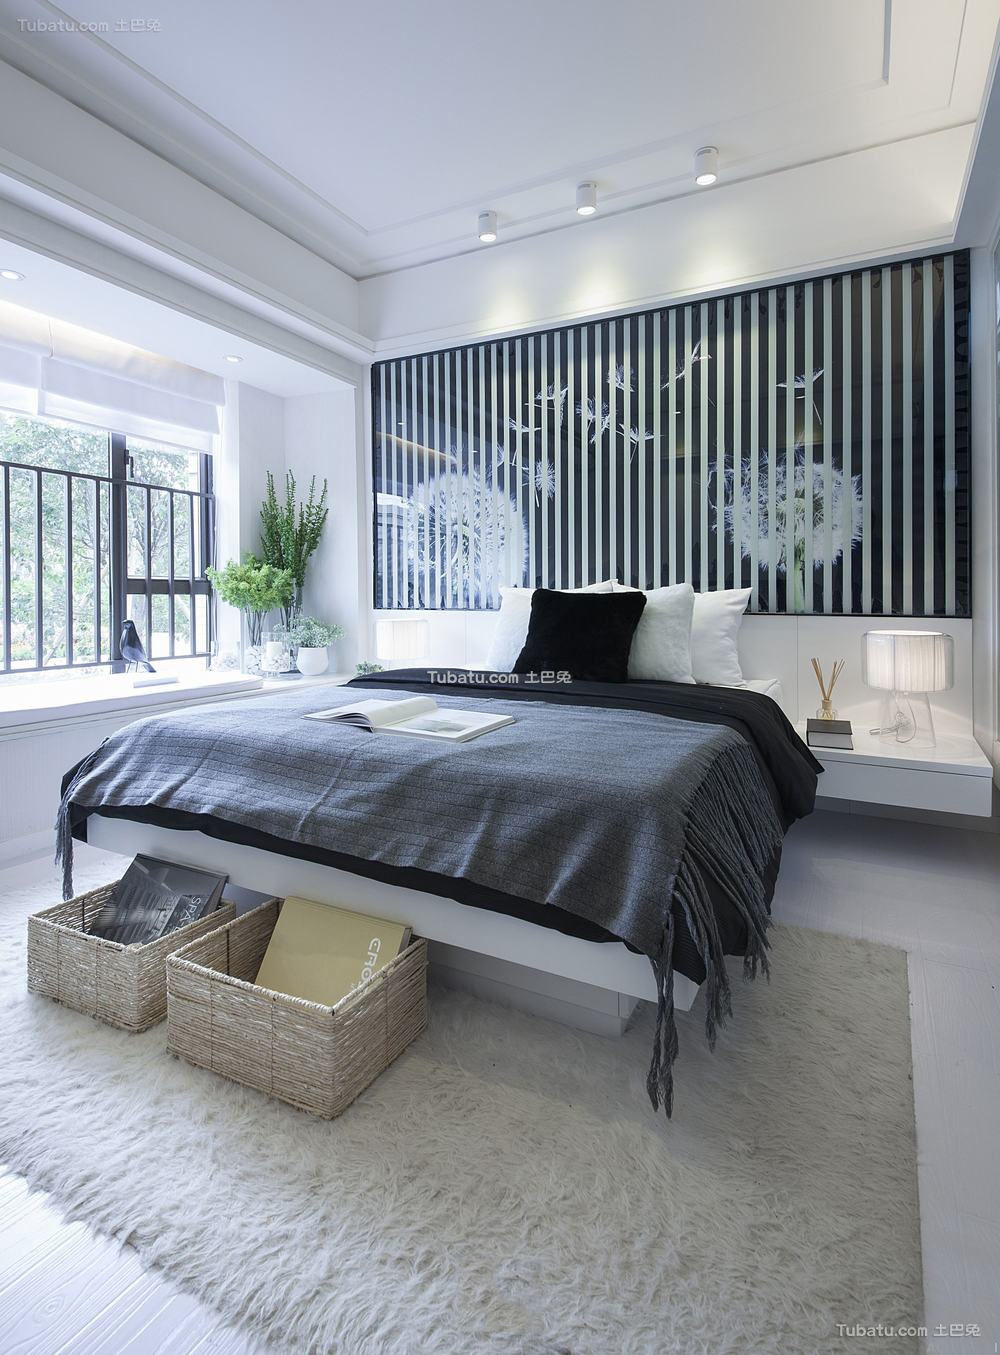 简约小户型卧室设计图片欣赏